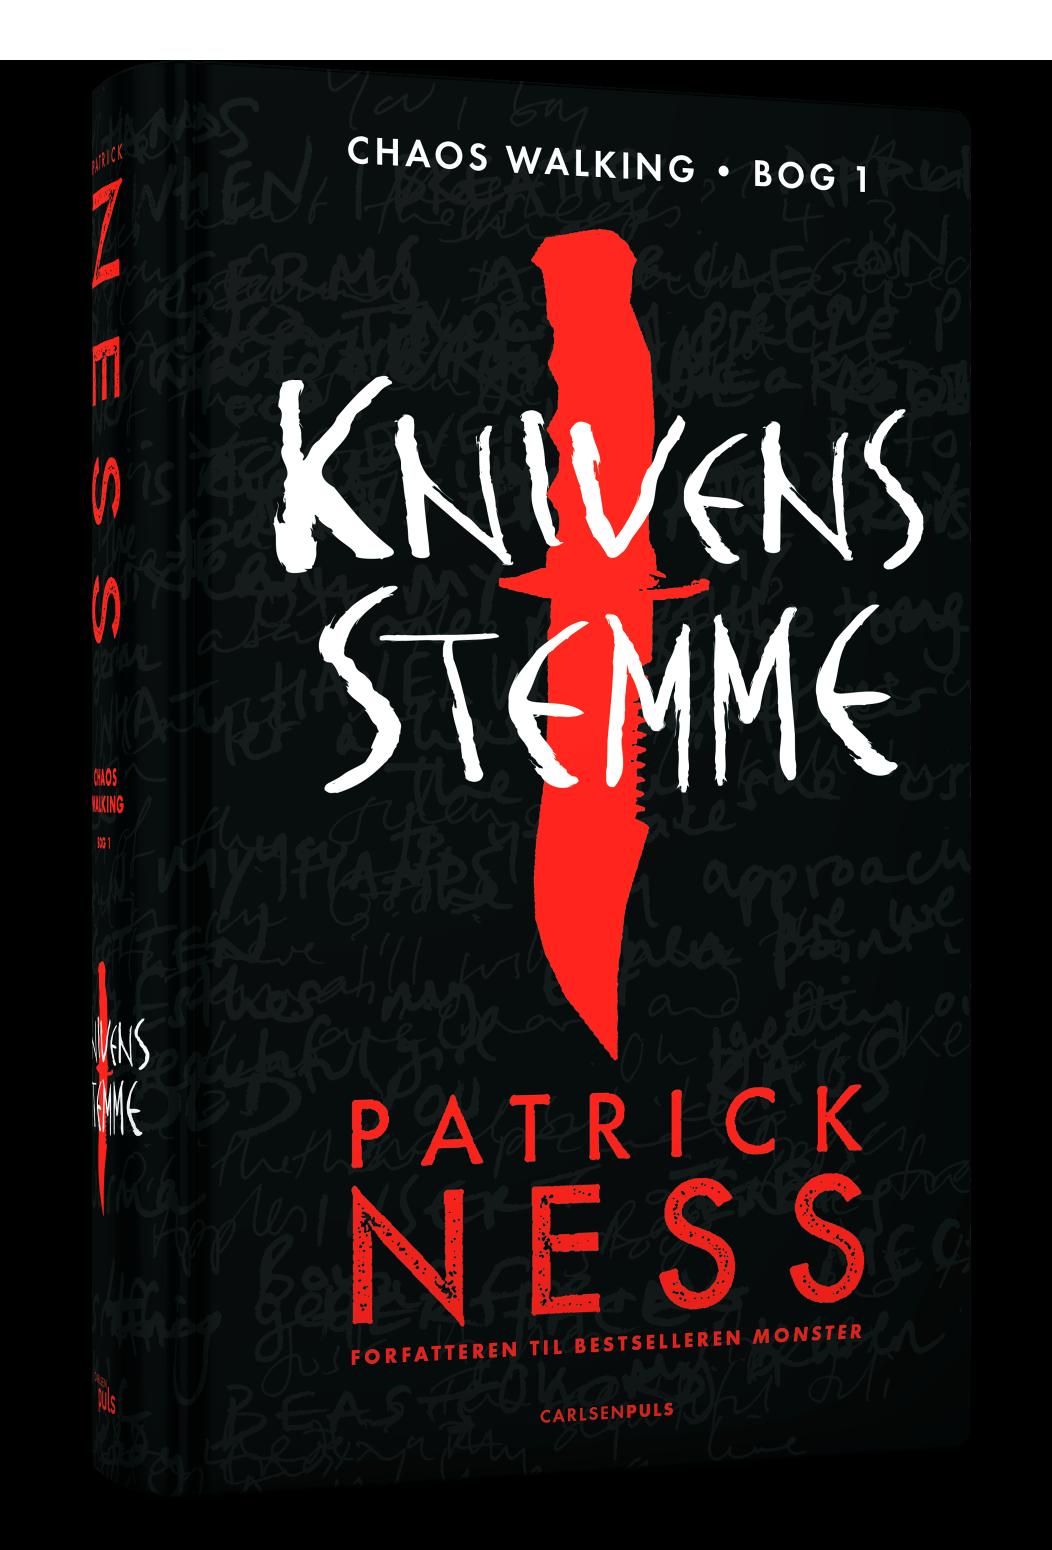 Knivens stemme, Patrick Ness, sommerlæsning, ferielæsning